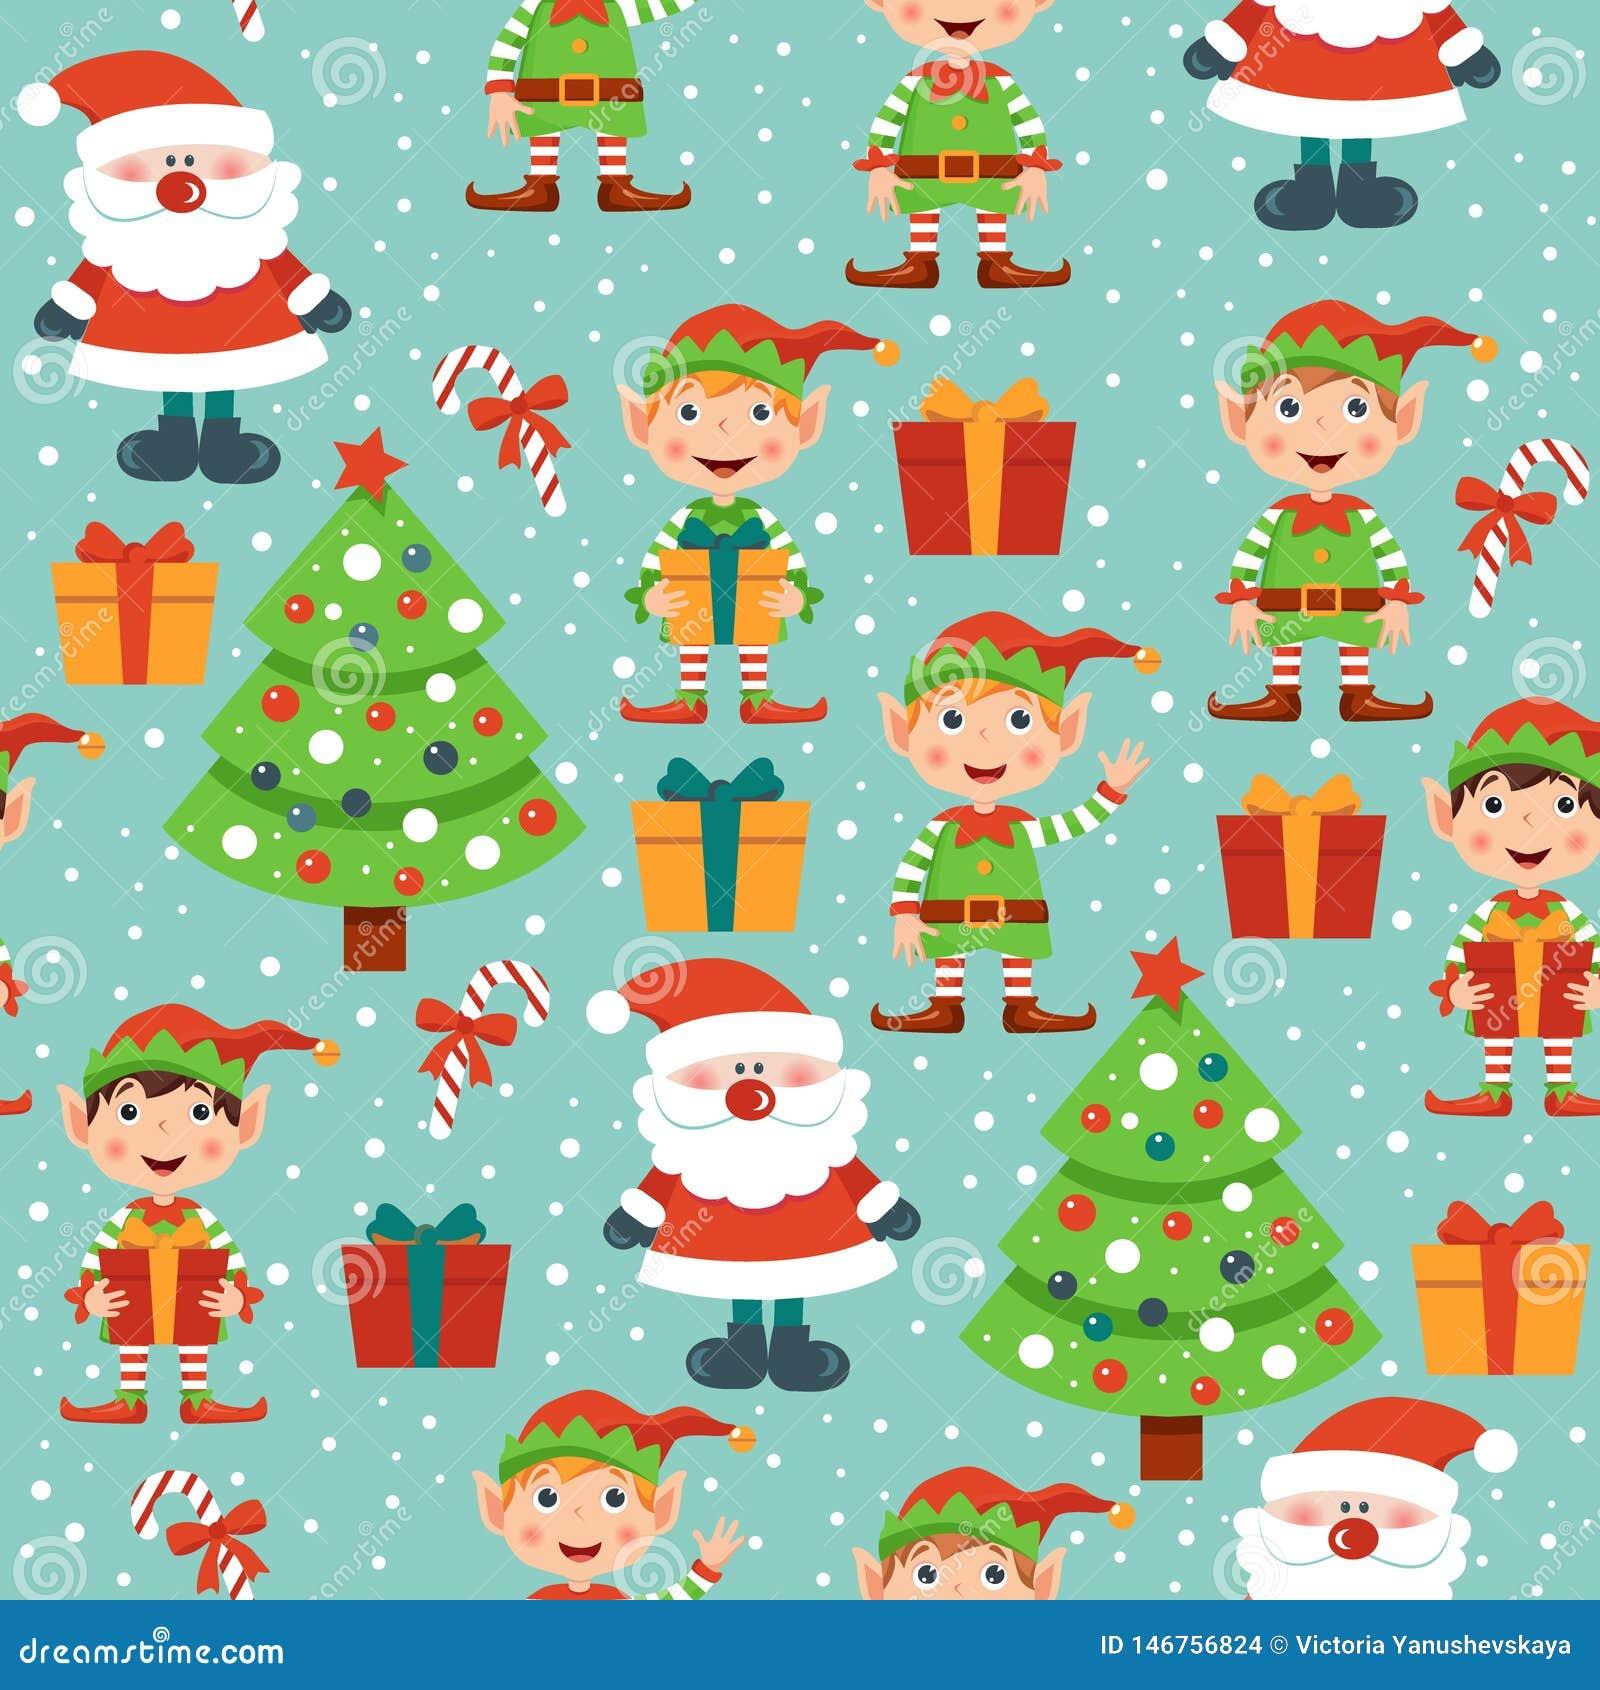 Bo?e Narodzenia deseniuj? z Santa, choink?, prezentami i elfami,